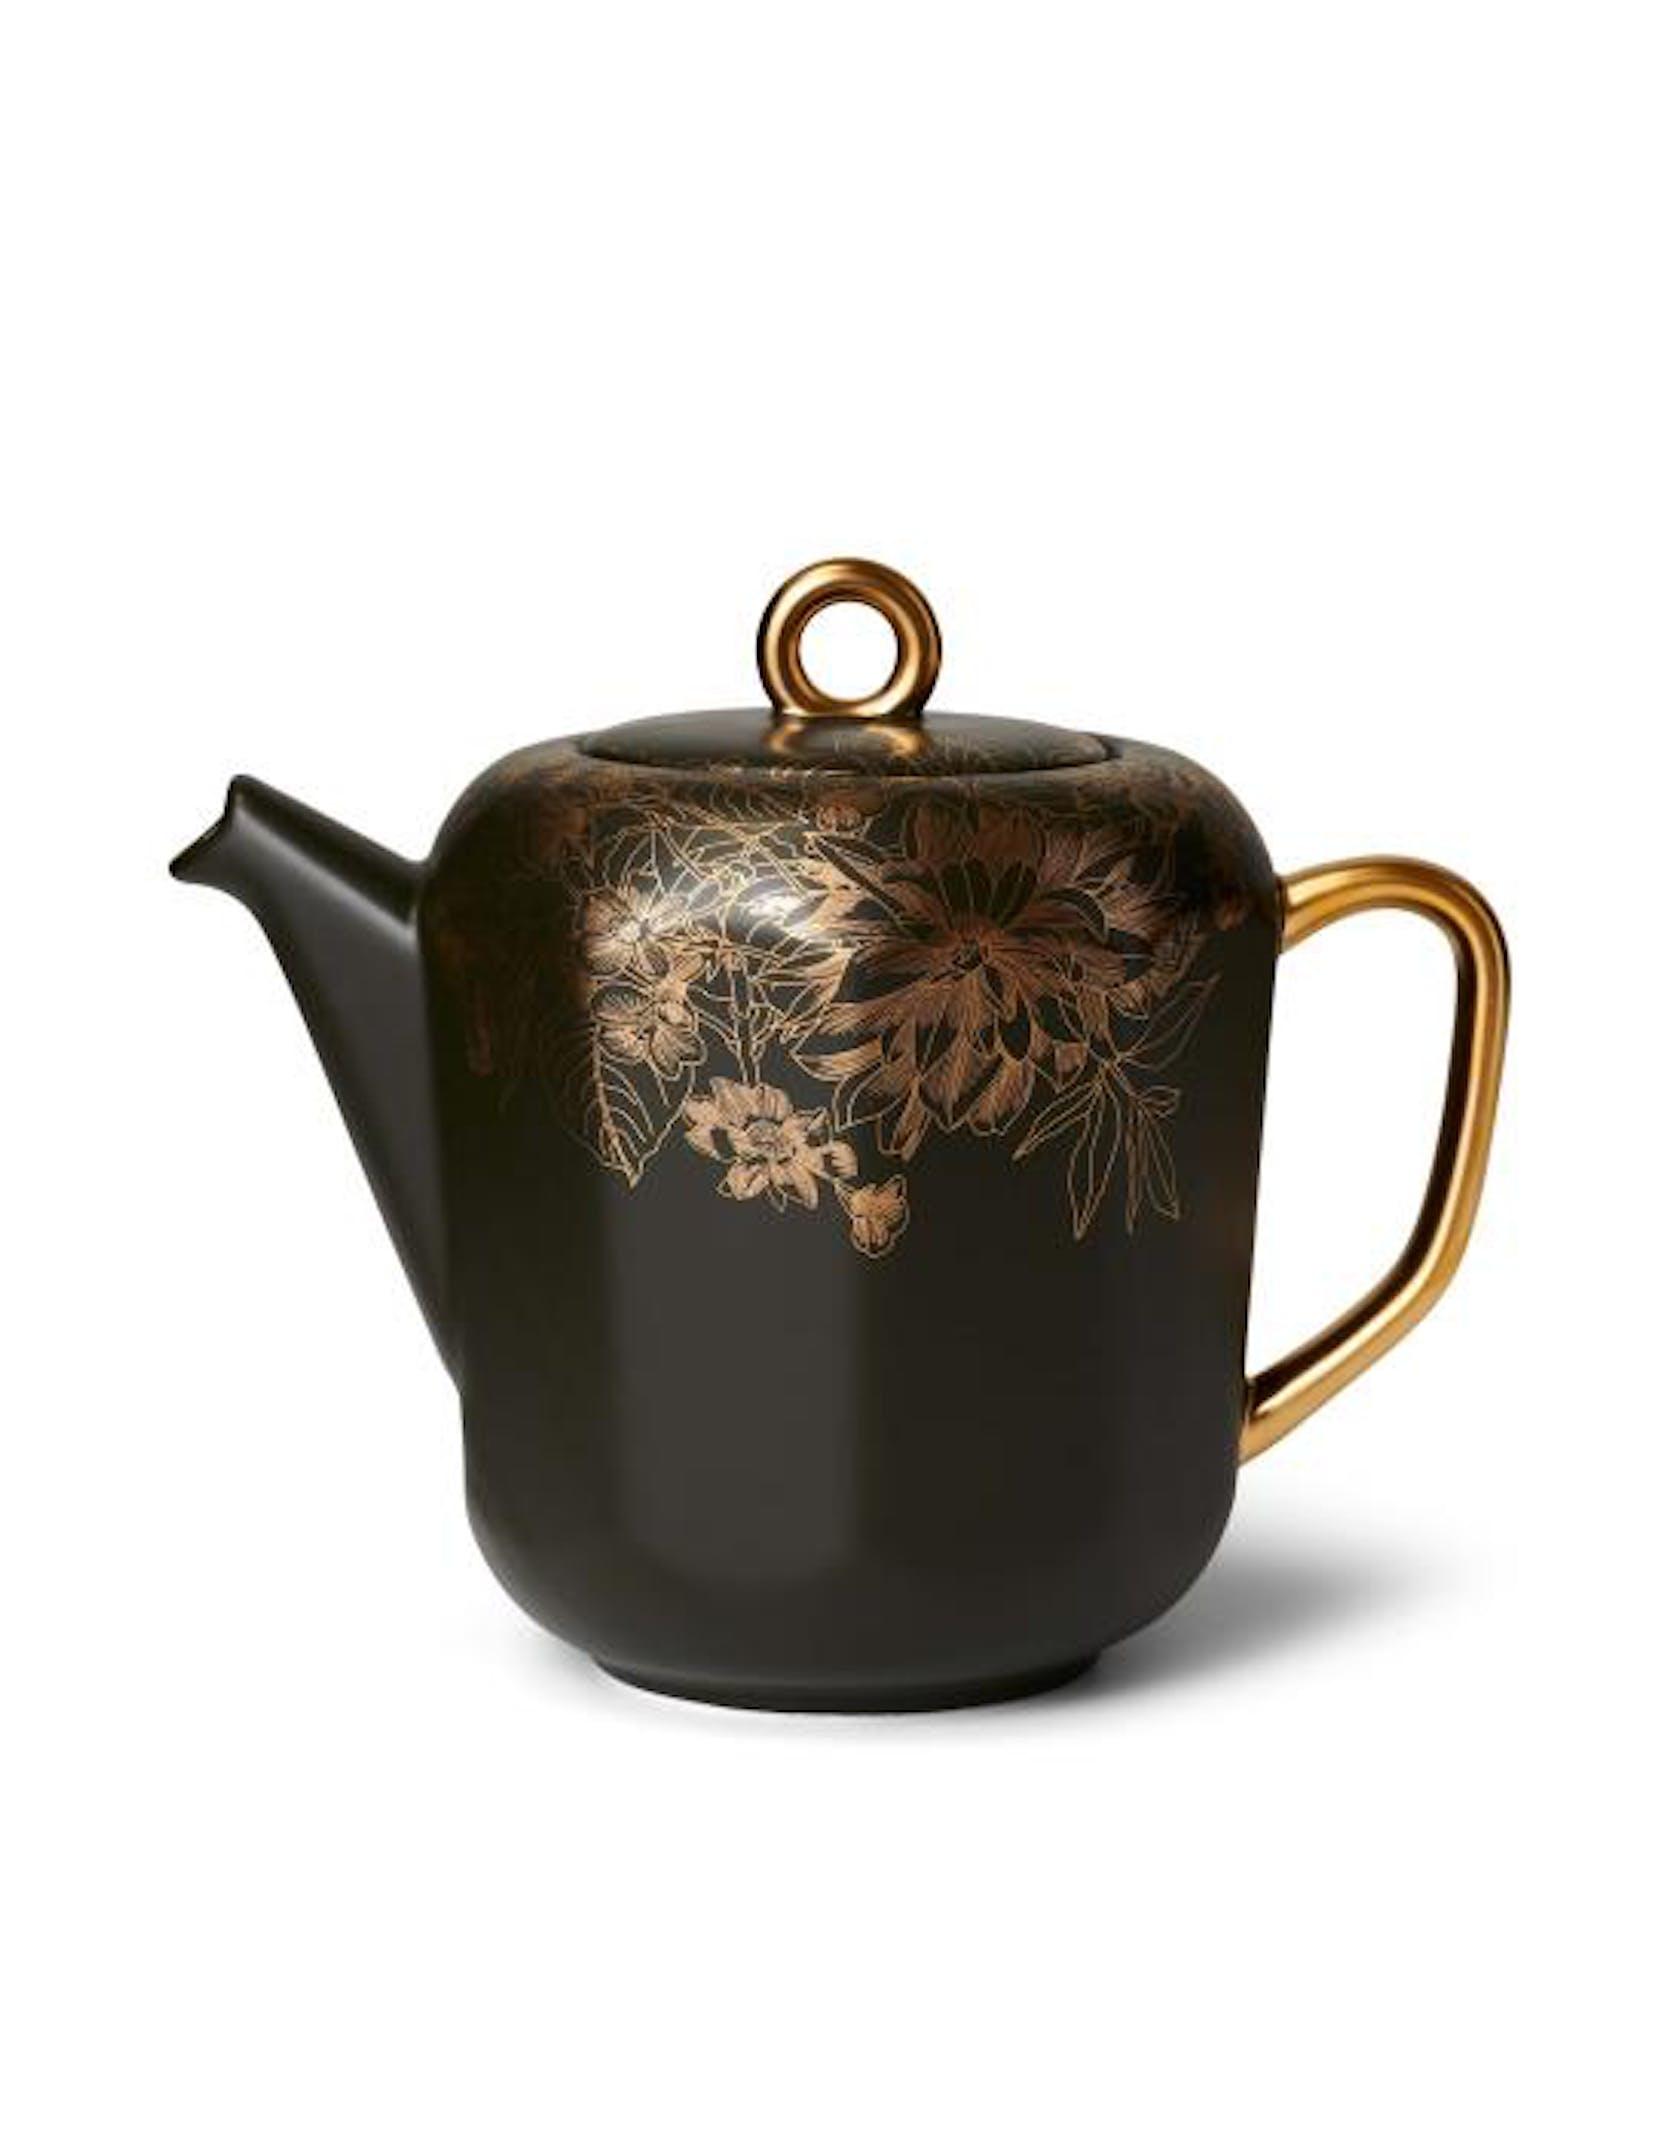 ESSENZA Masterpiece Dark Green Tea pot 1-25 liter